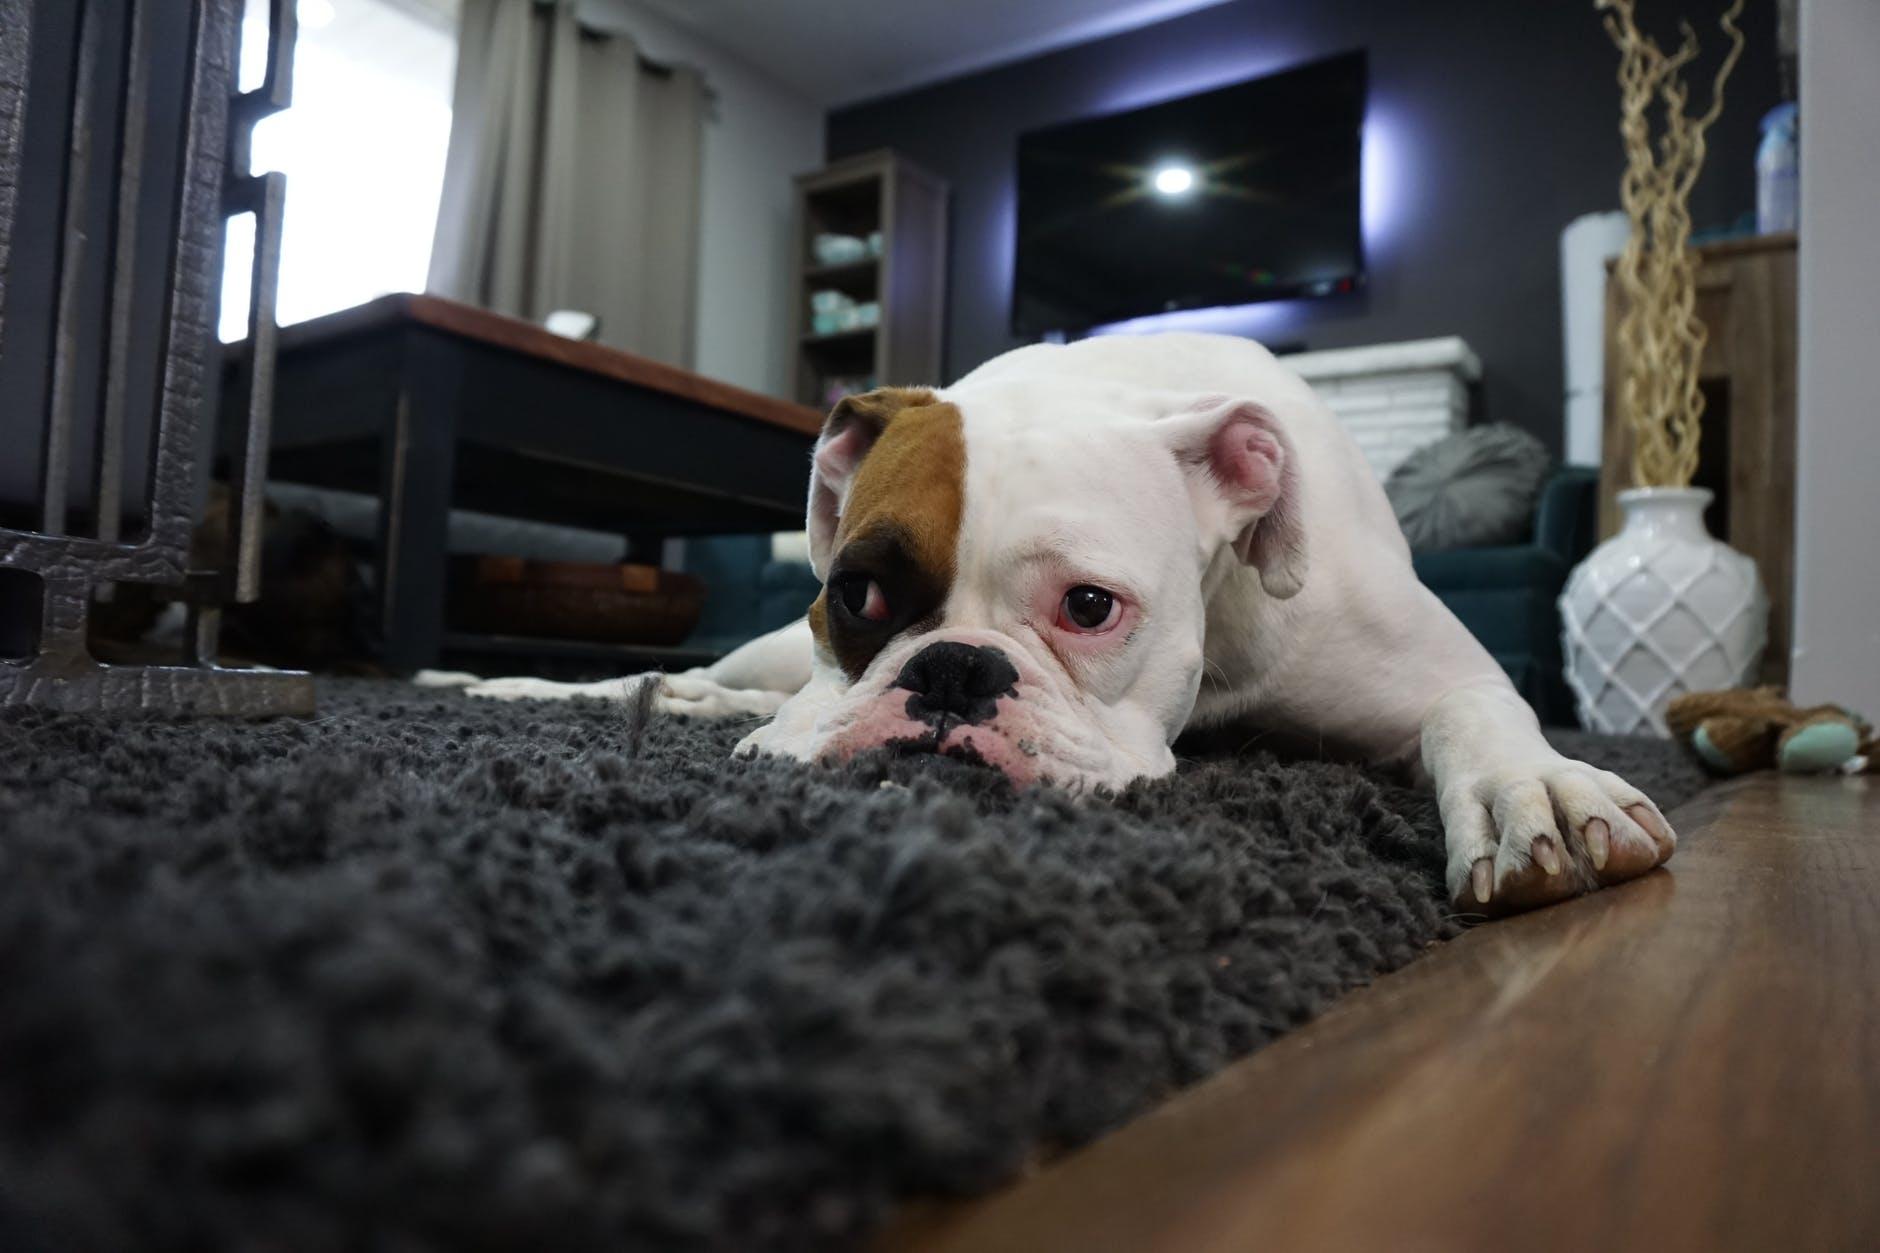 Des astuces pour vivre en appartement avec son chien